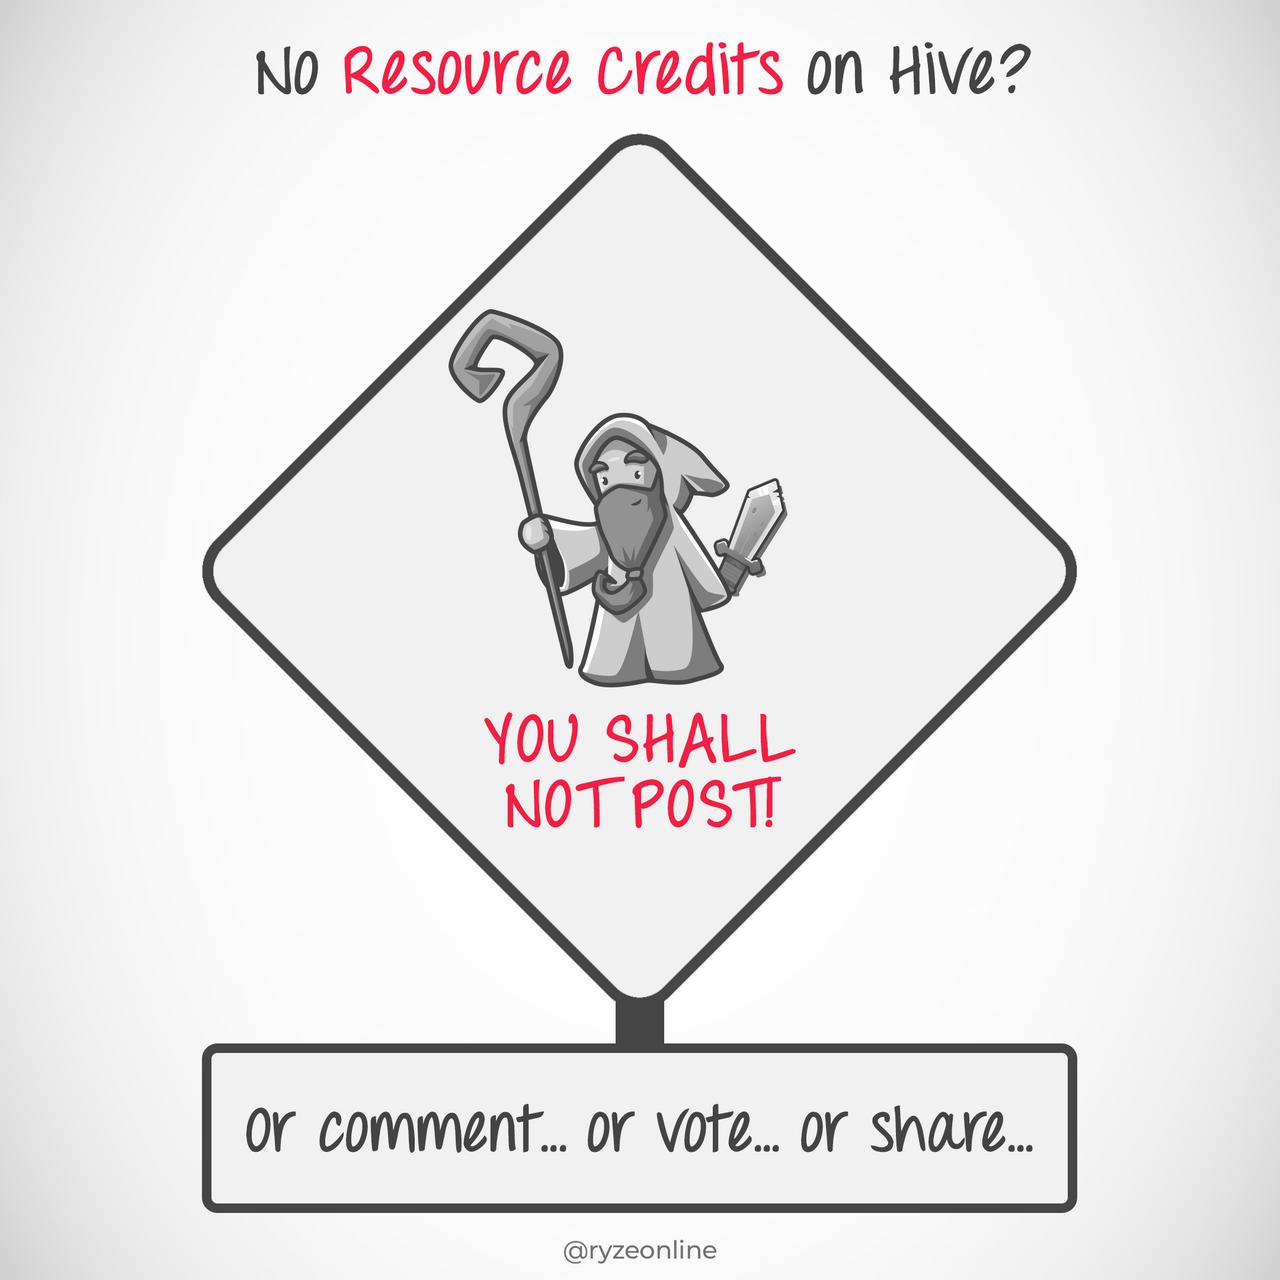 HiveBasic_070_RC_Warning.png